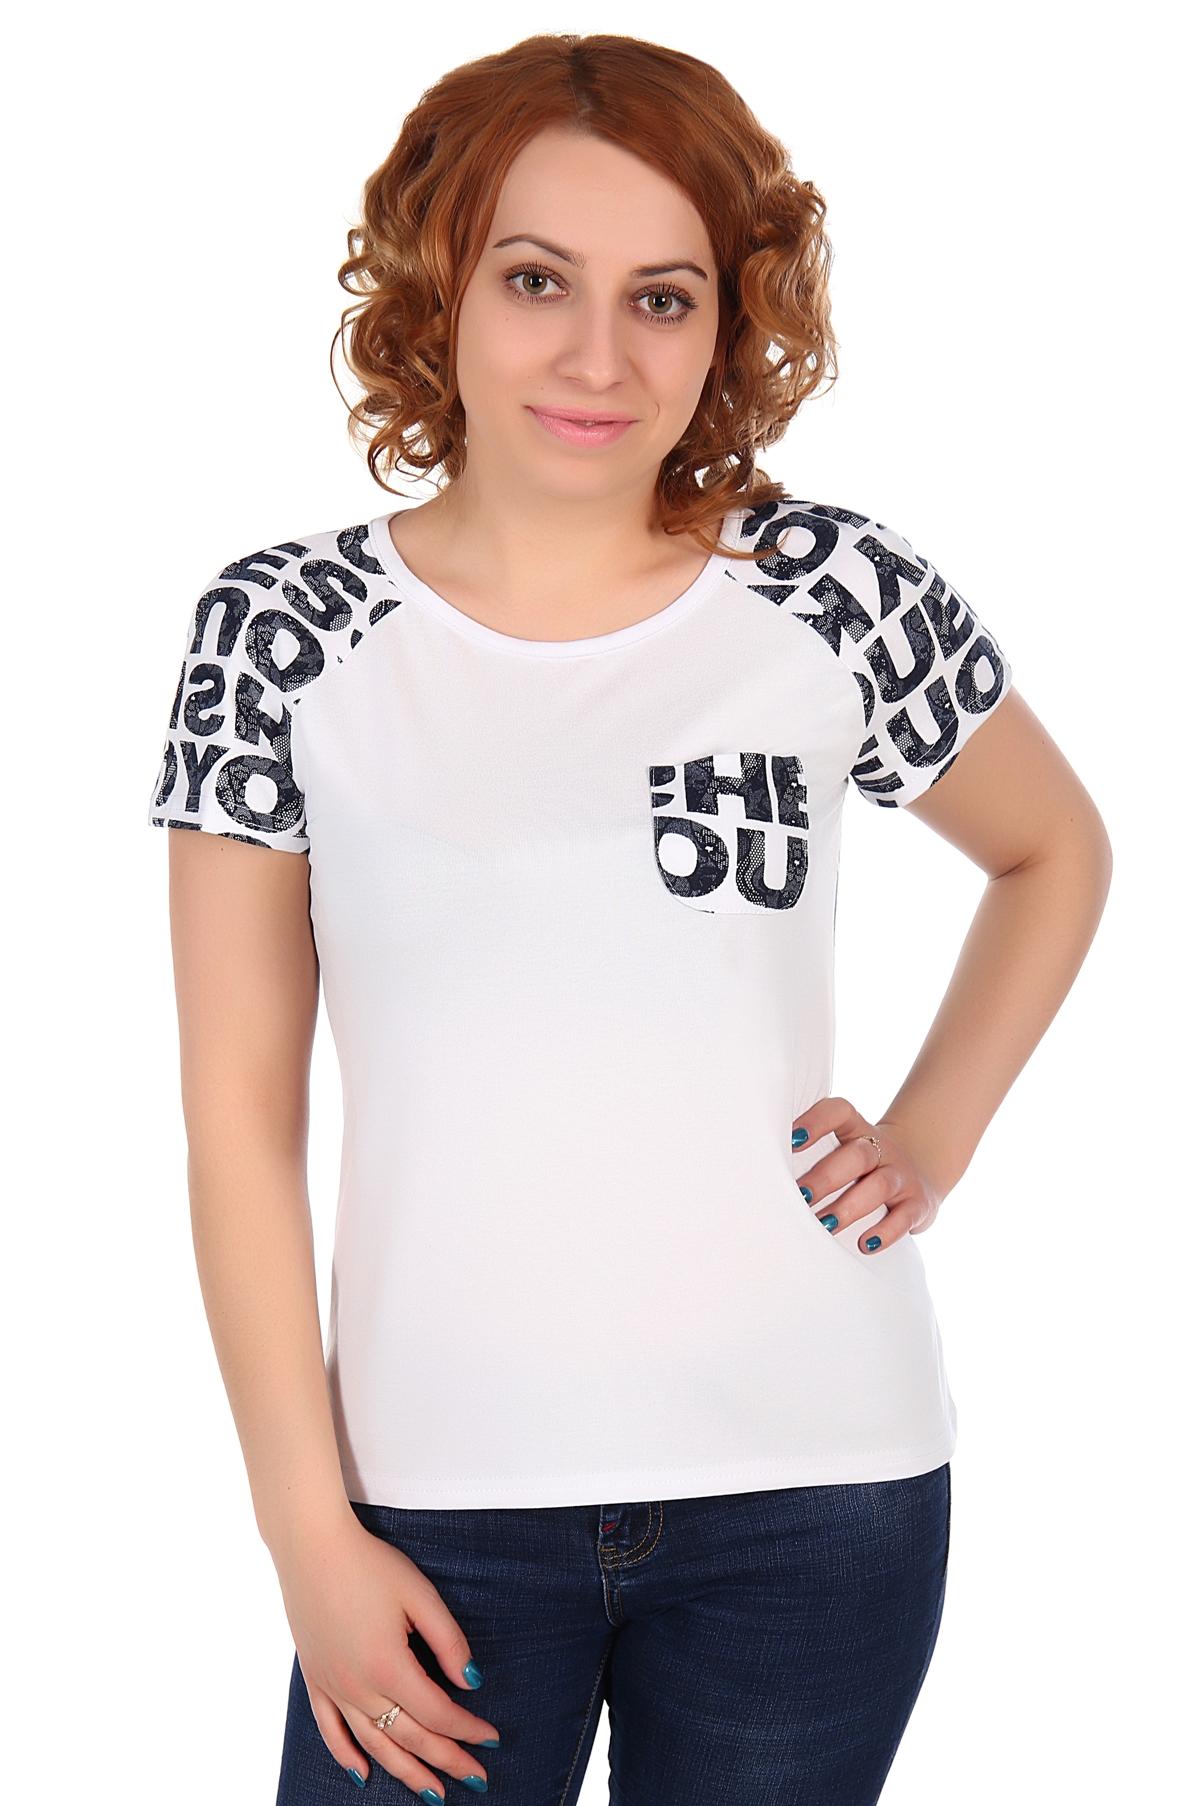 Жен. футболка арт. 16-0310 Белый р. 52 футболка on 94 63 2014 nw4a e7310 1388